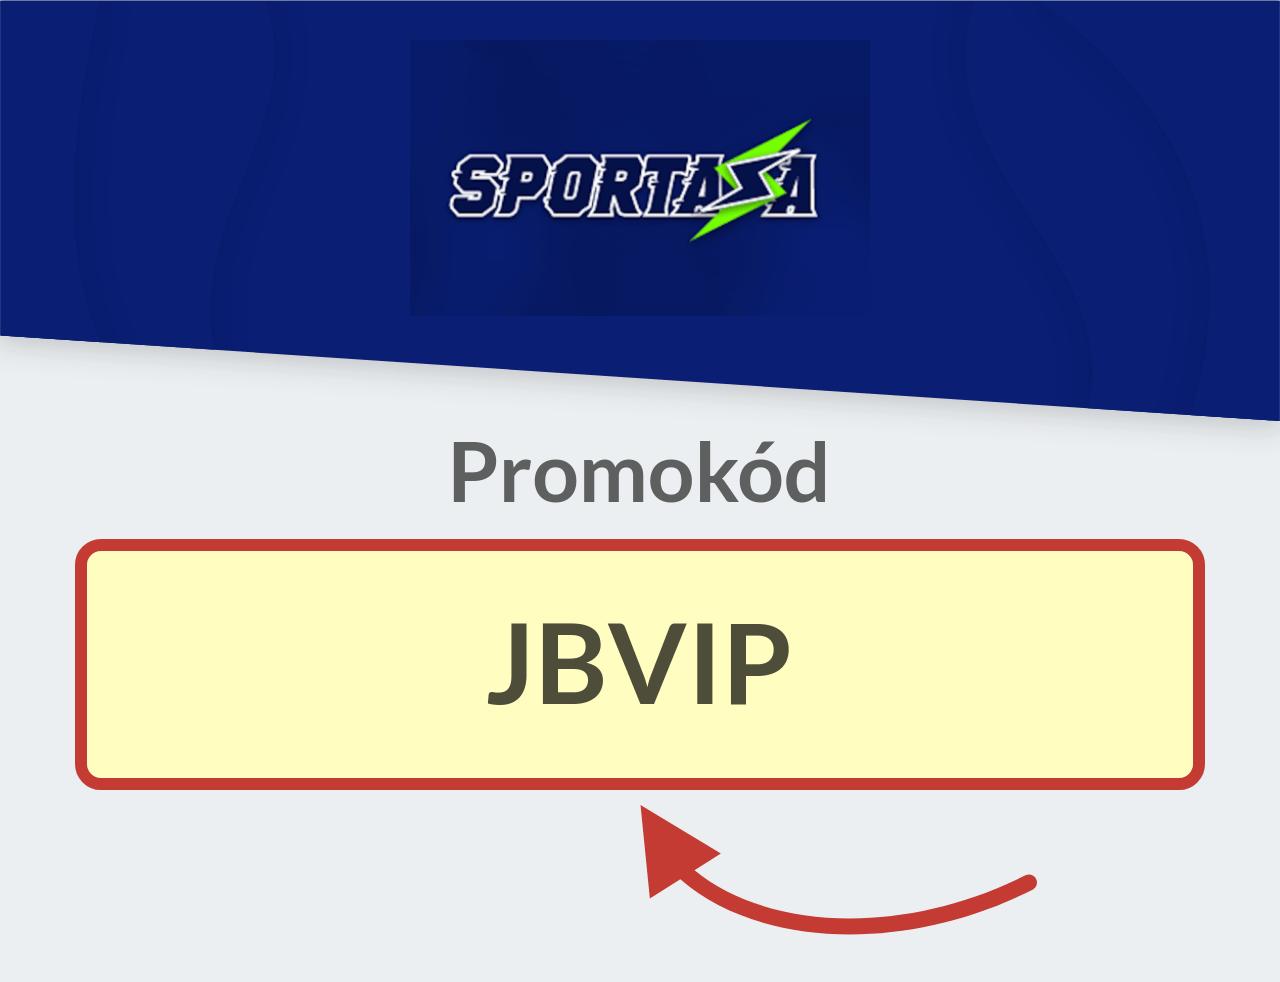 Sportaza Promokód